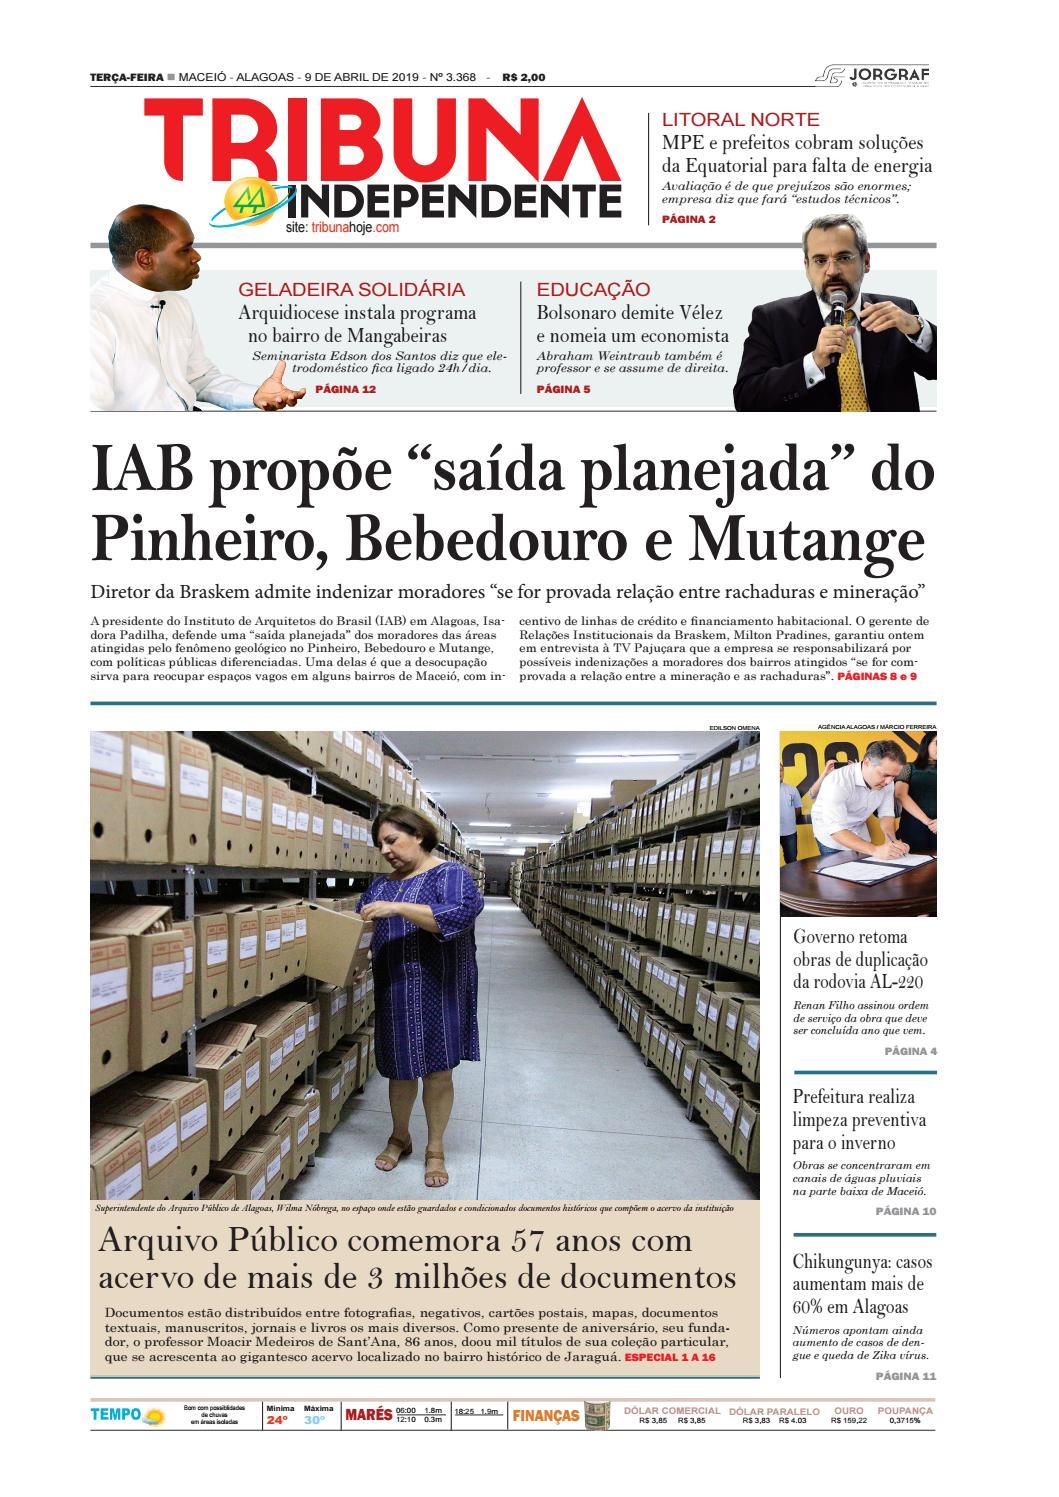 04f888900 Edição número 3368 - 9 de abril de 2019 by Tribuna Hoje - issuu